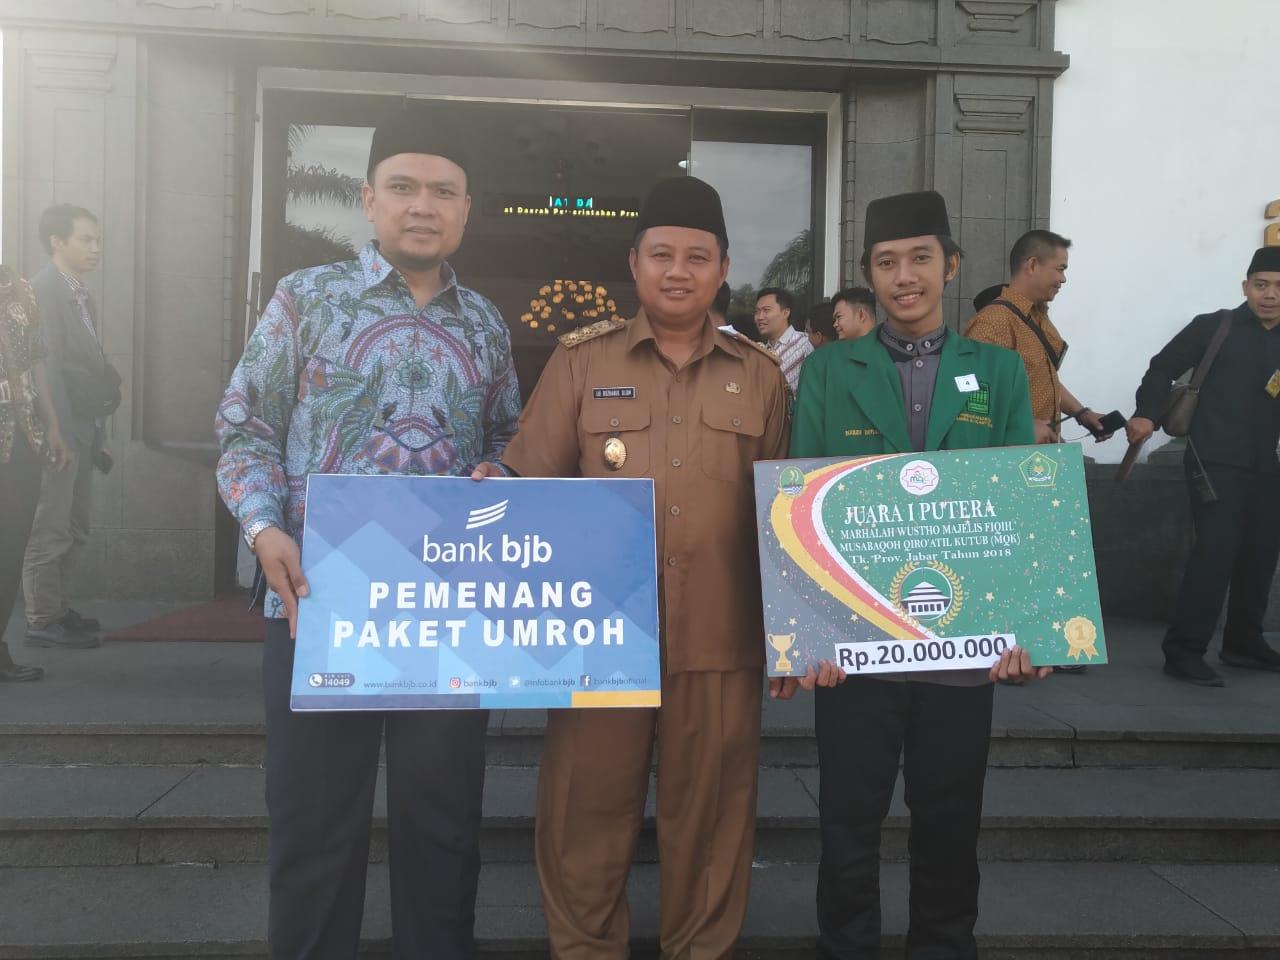 Juara 1 Musabaqoh Qirooatul Qutub Tingkat Jawa Barat